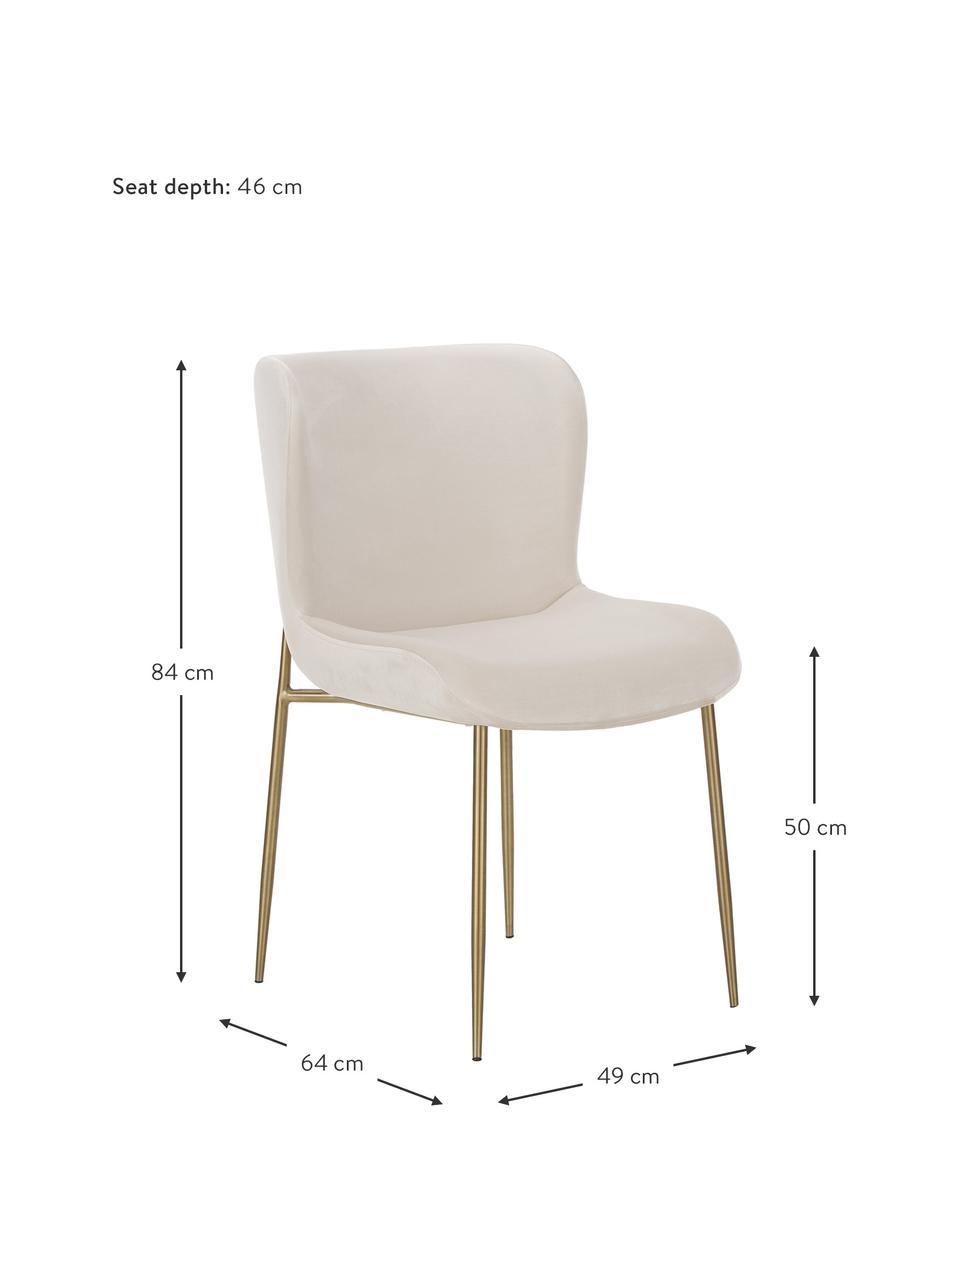 Krzesło tapicerowane z aksamitu Tess, Tapicerka: aksamit (poliester) Dzięk, Nogi: metal malowany proszkowo, Aksamitny beżowy, złoty, S 49 x G 64 cm